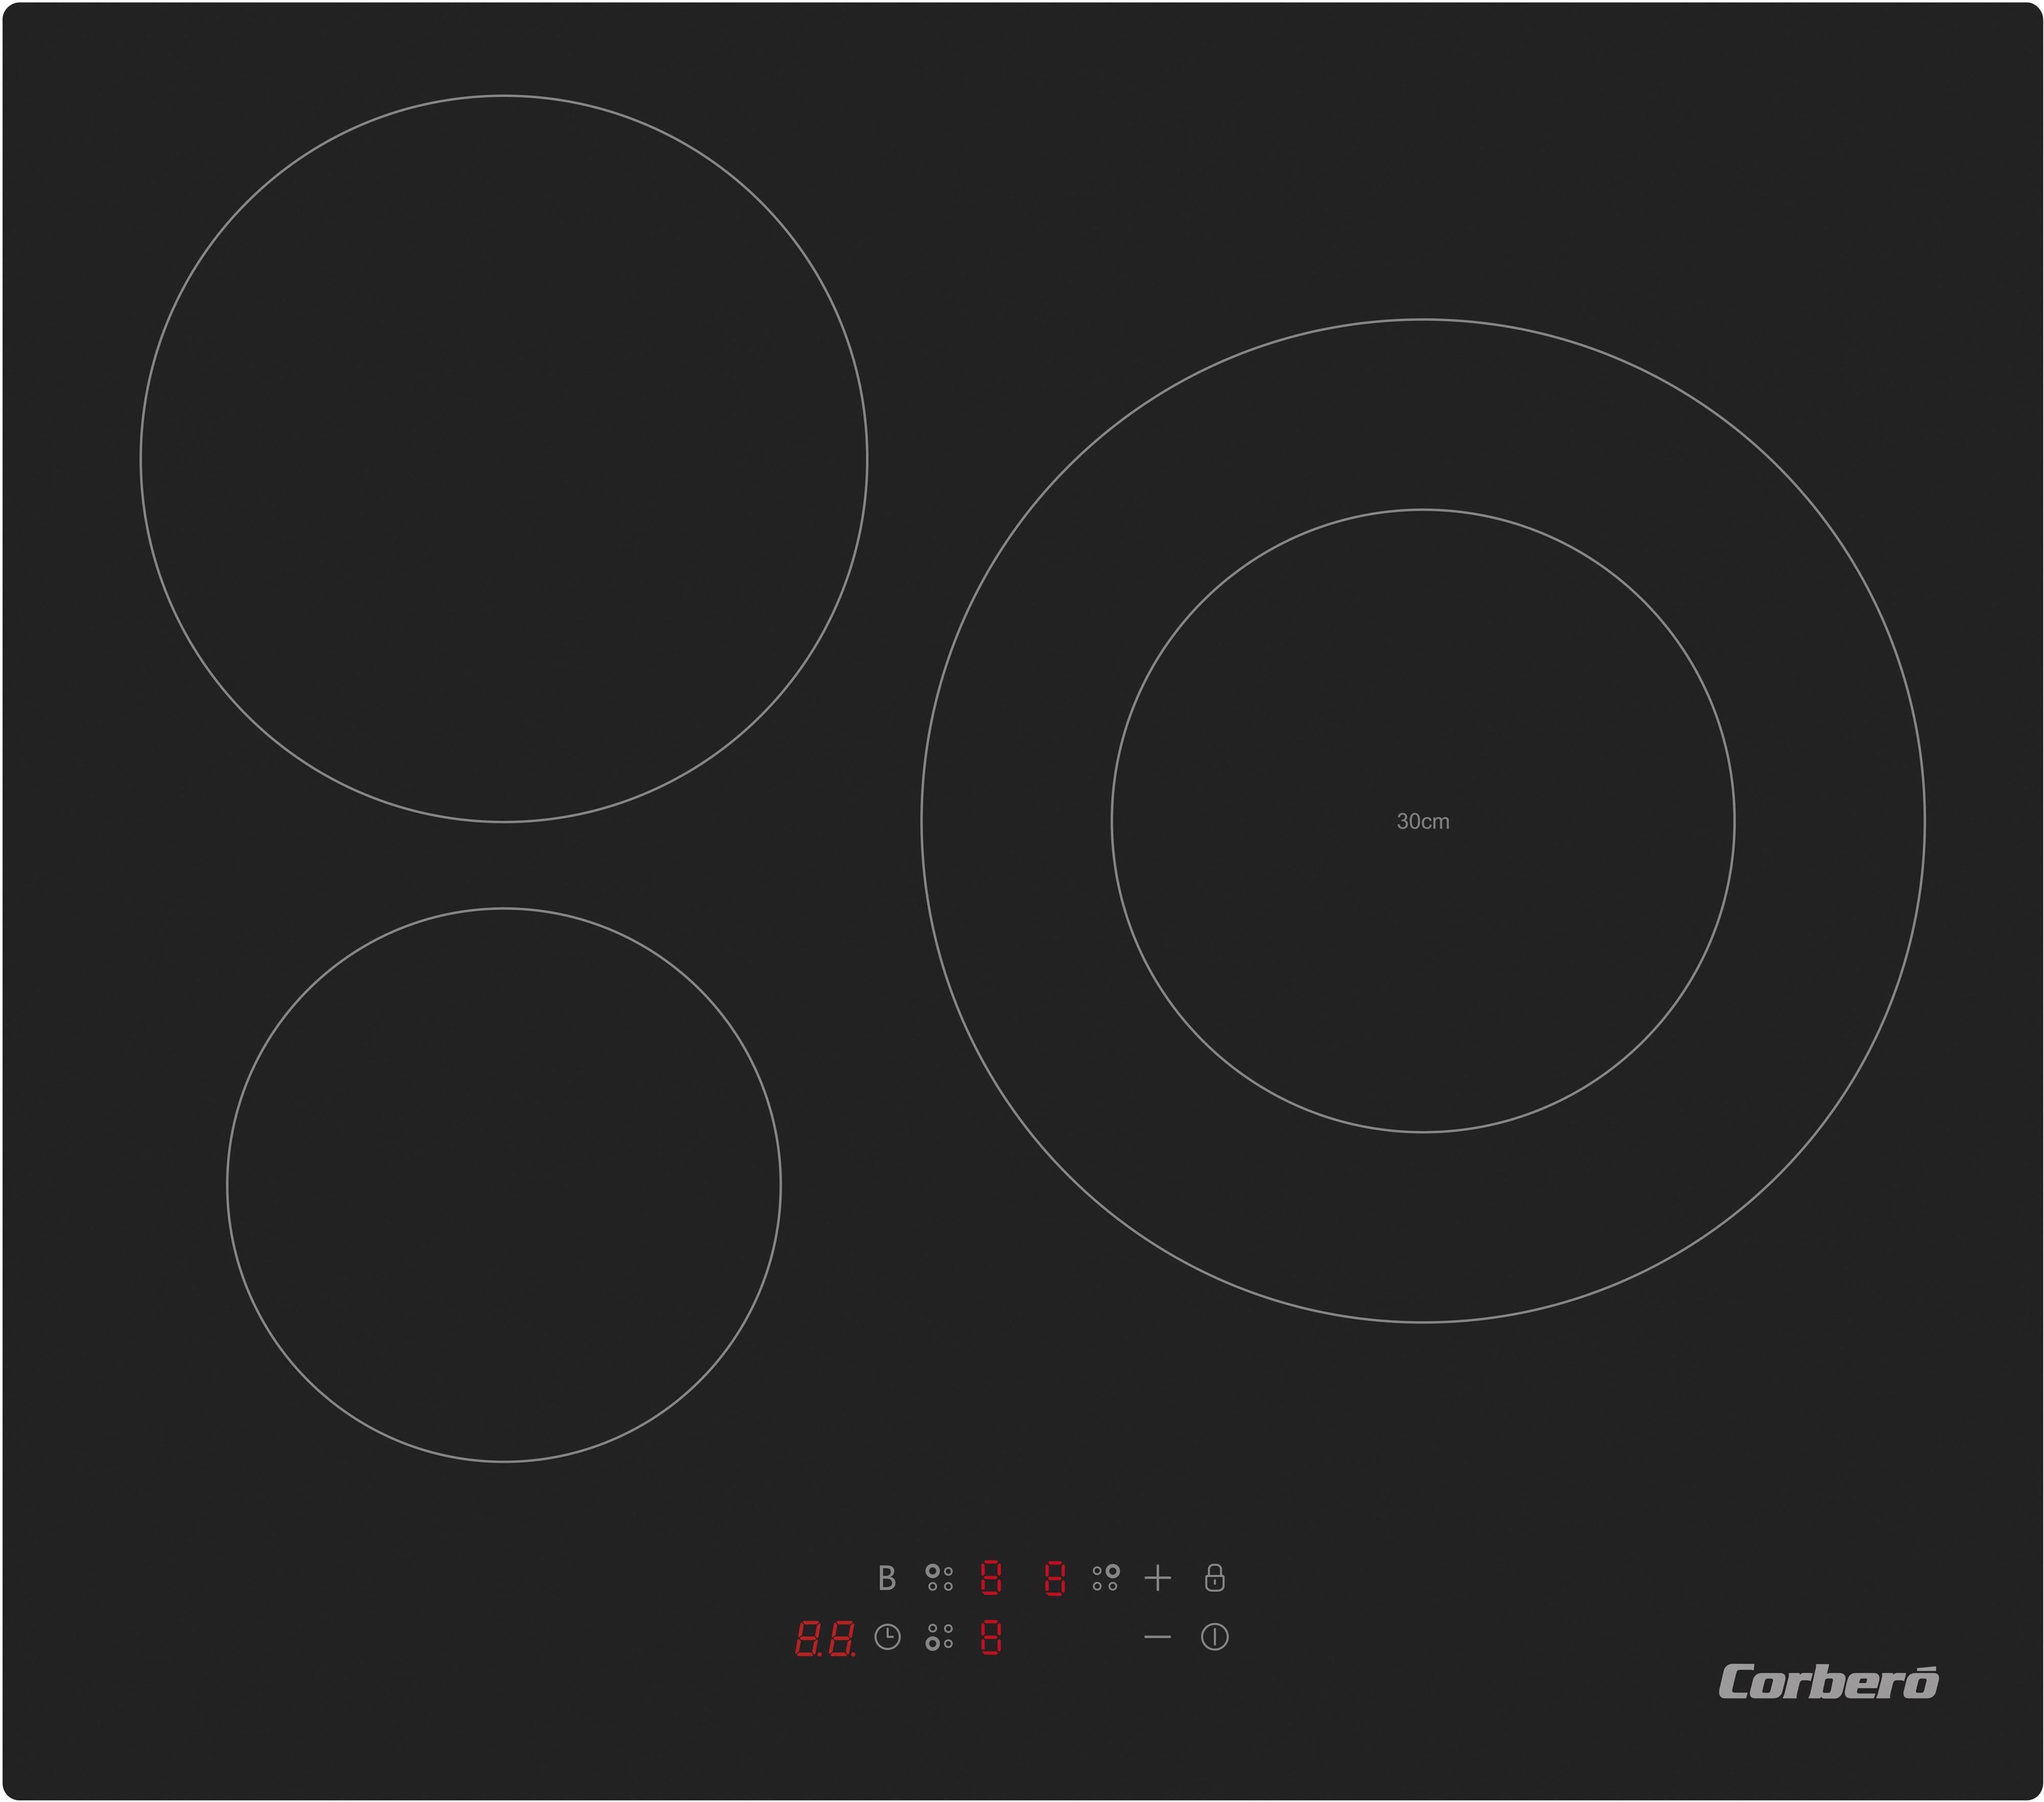 Placa Corbero CCIM3F300 3induccion Zona 30cmts